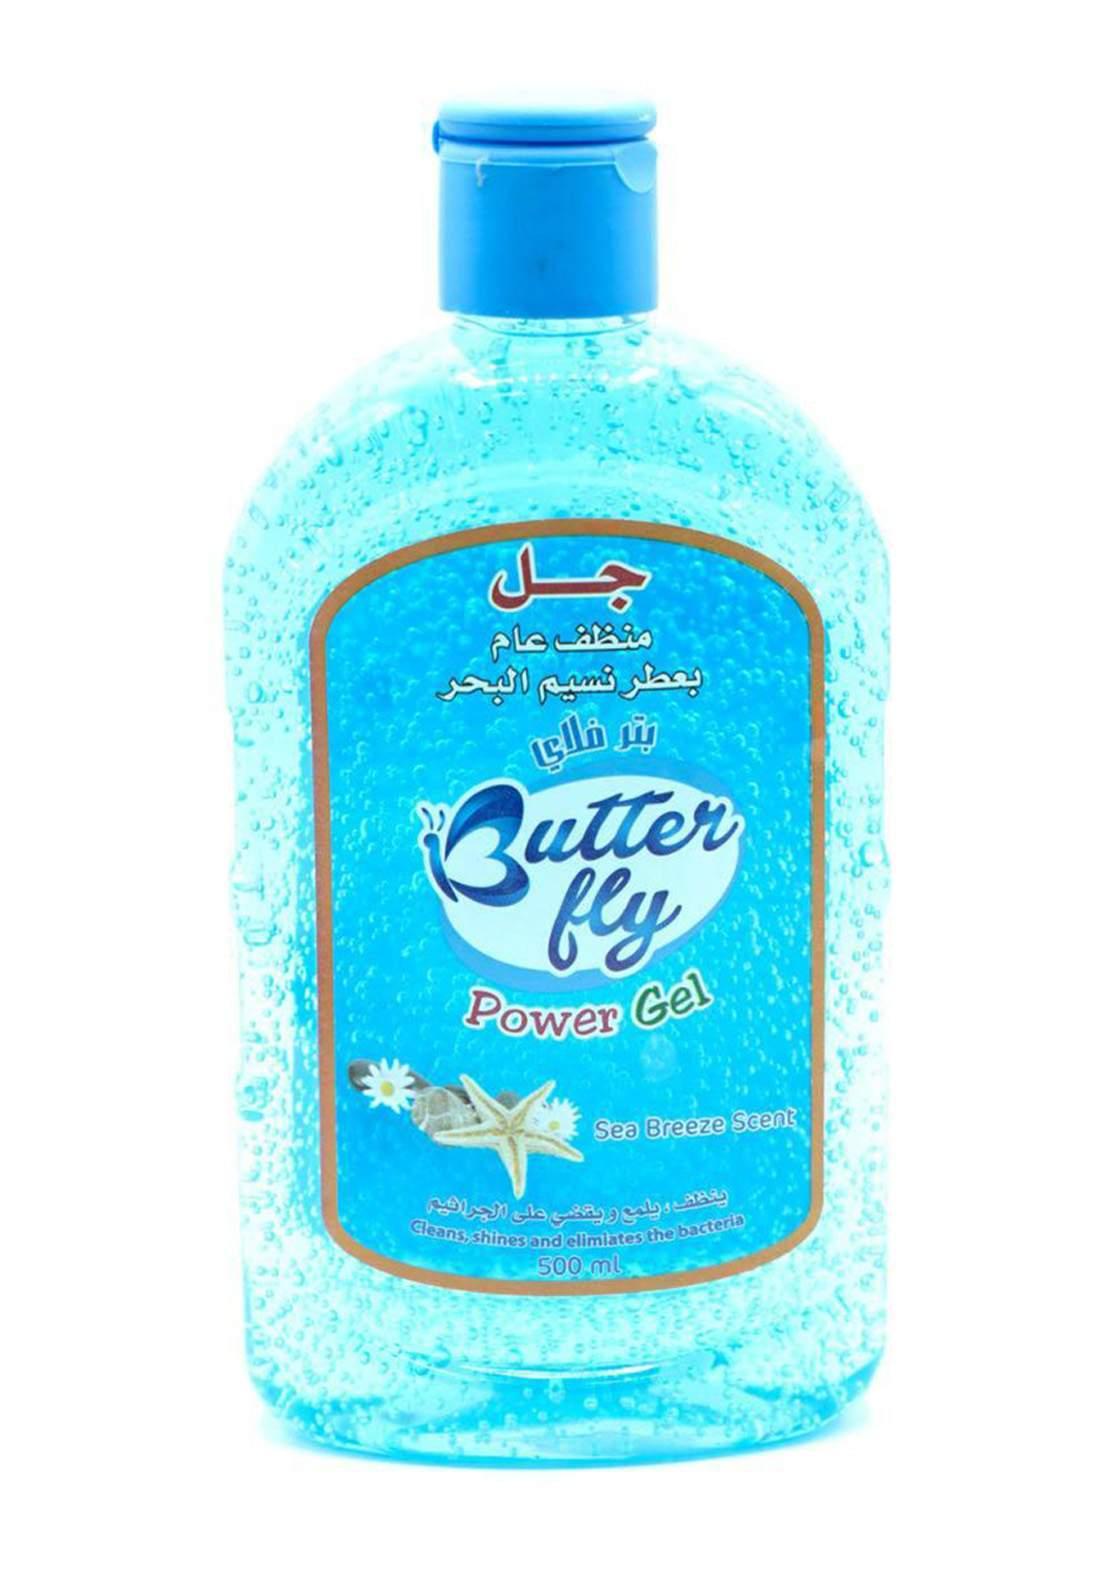 Butter Fly Power Gel 500 ml جل منظف عام